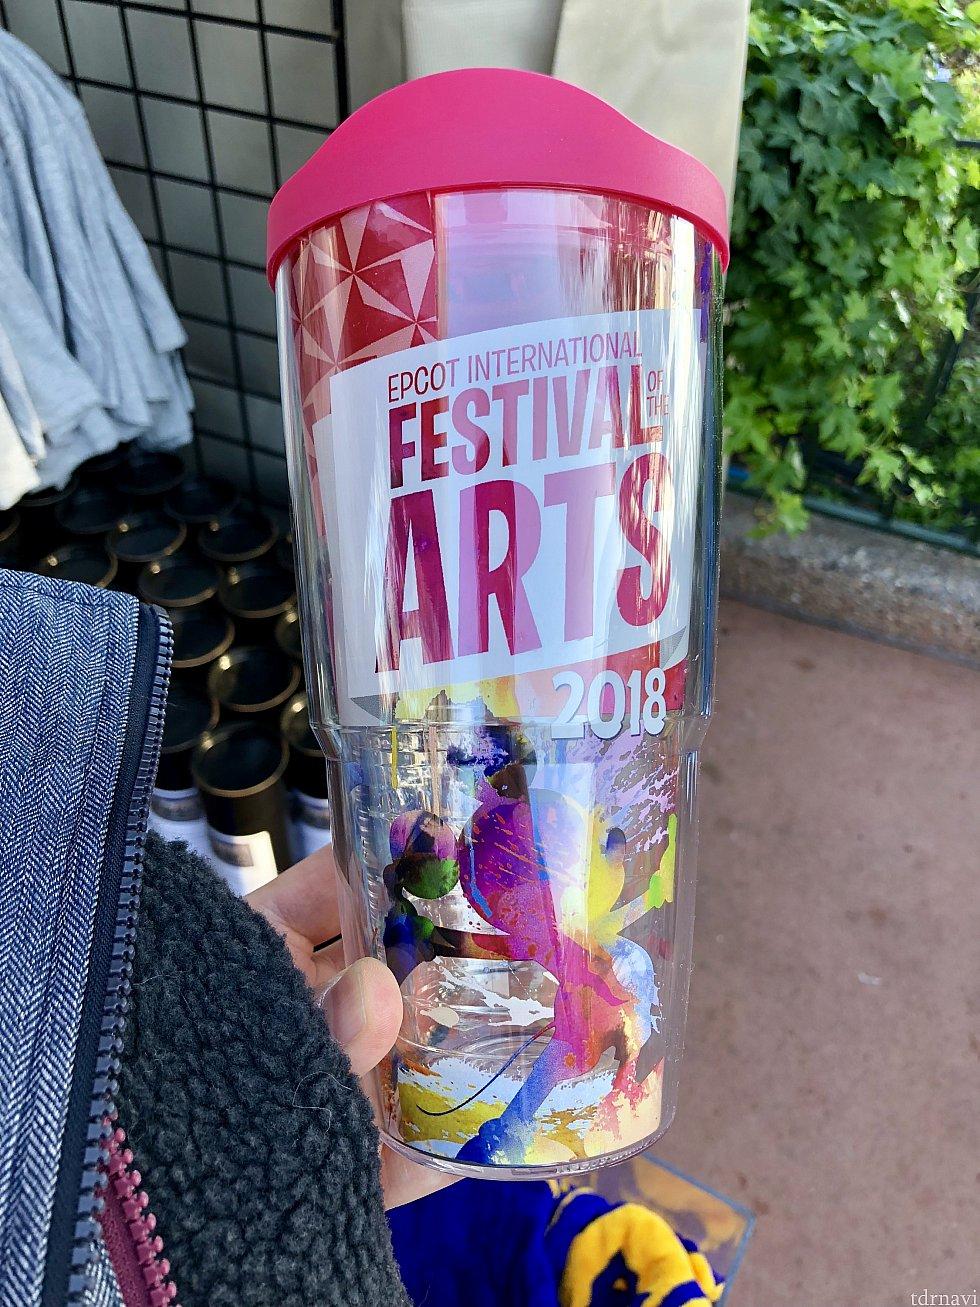 ウォーターボトルもフェスティバルのロゴ入り。$26.99